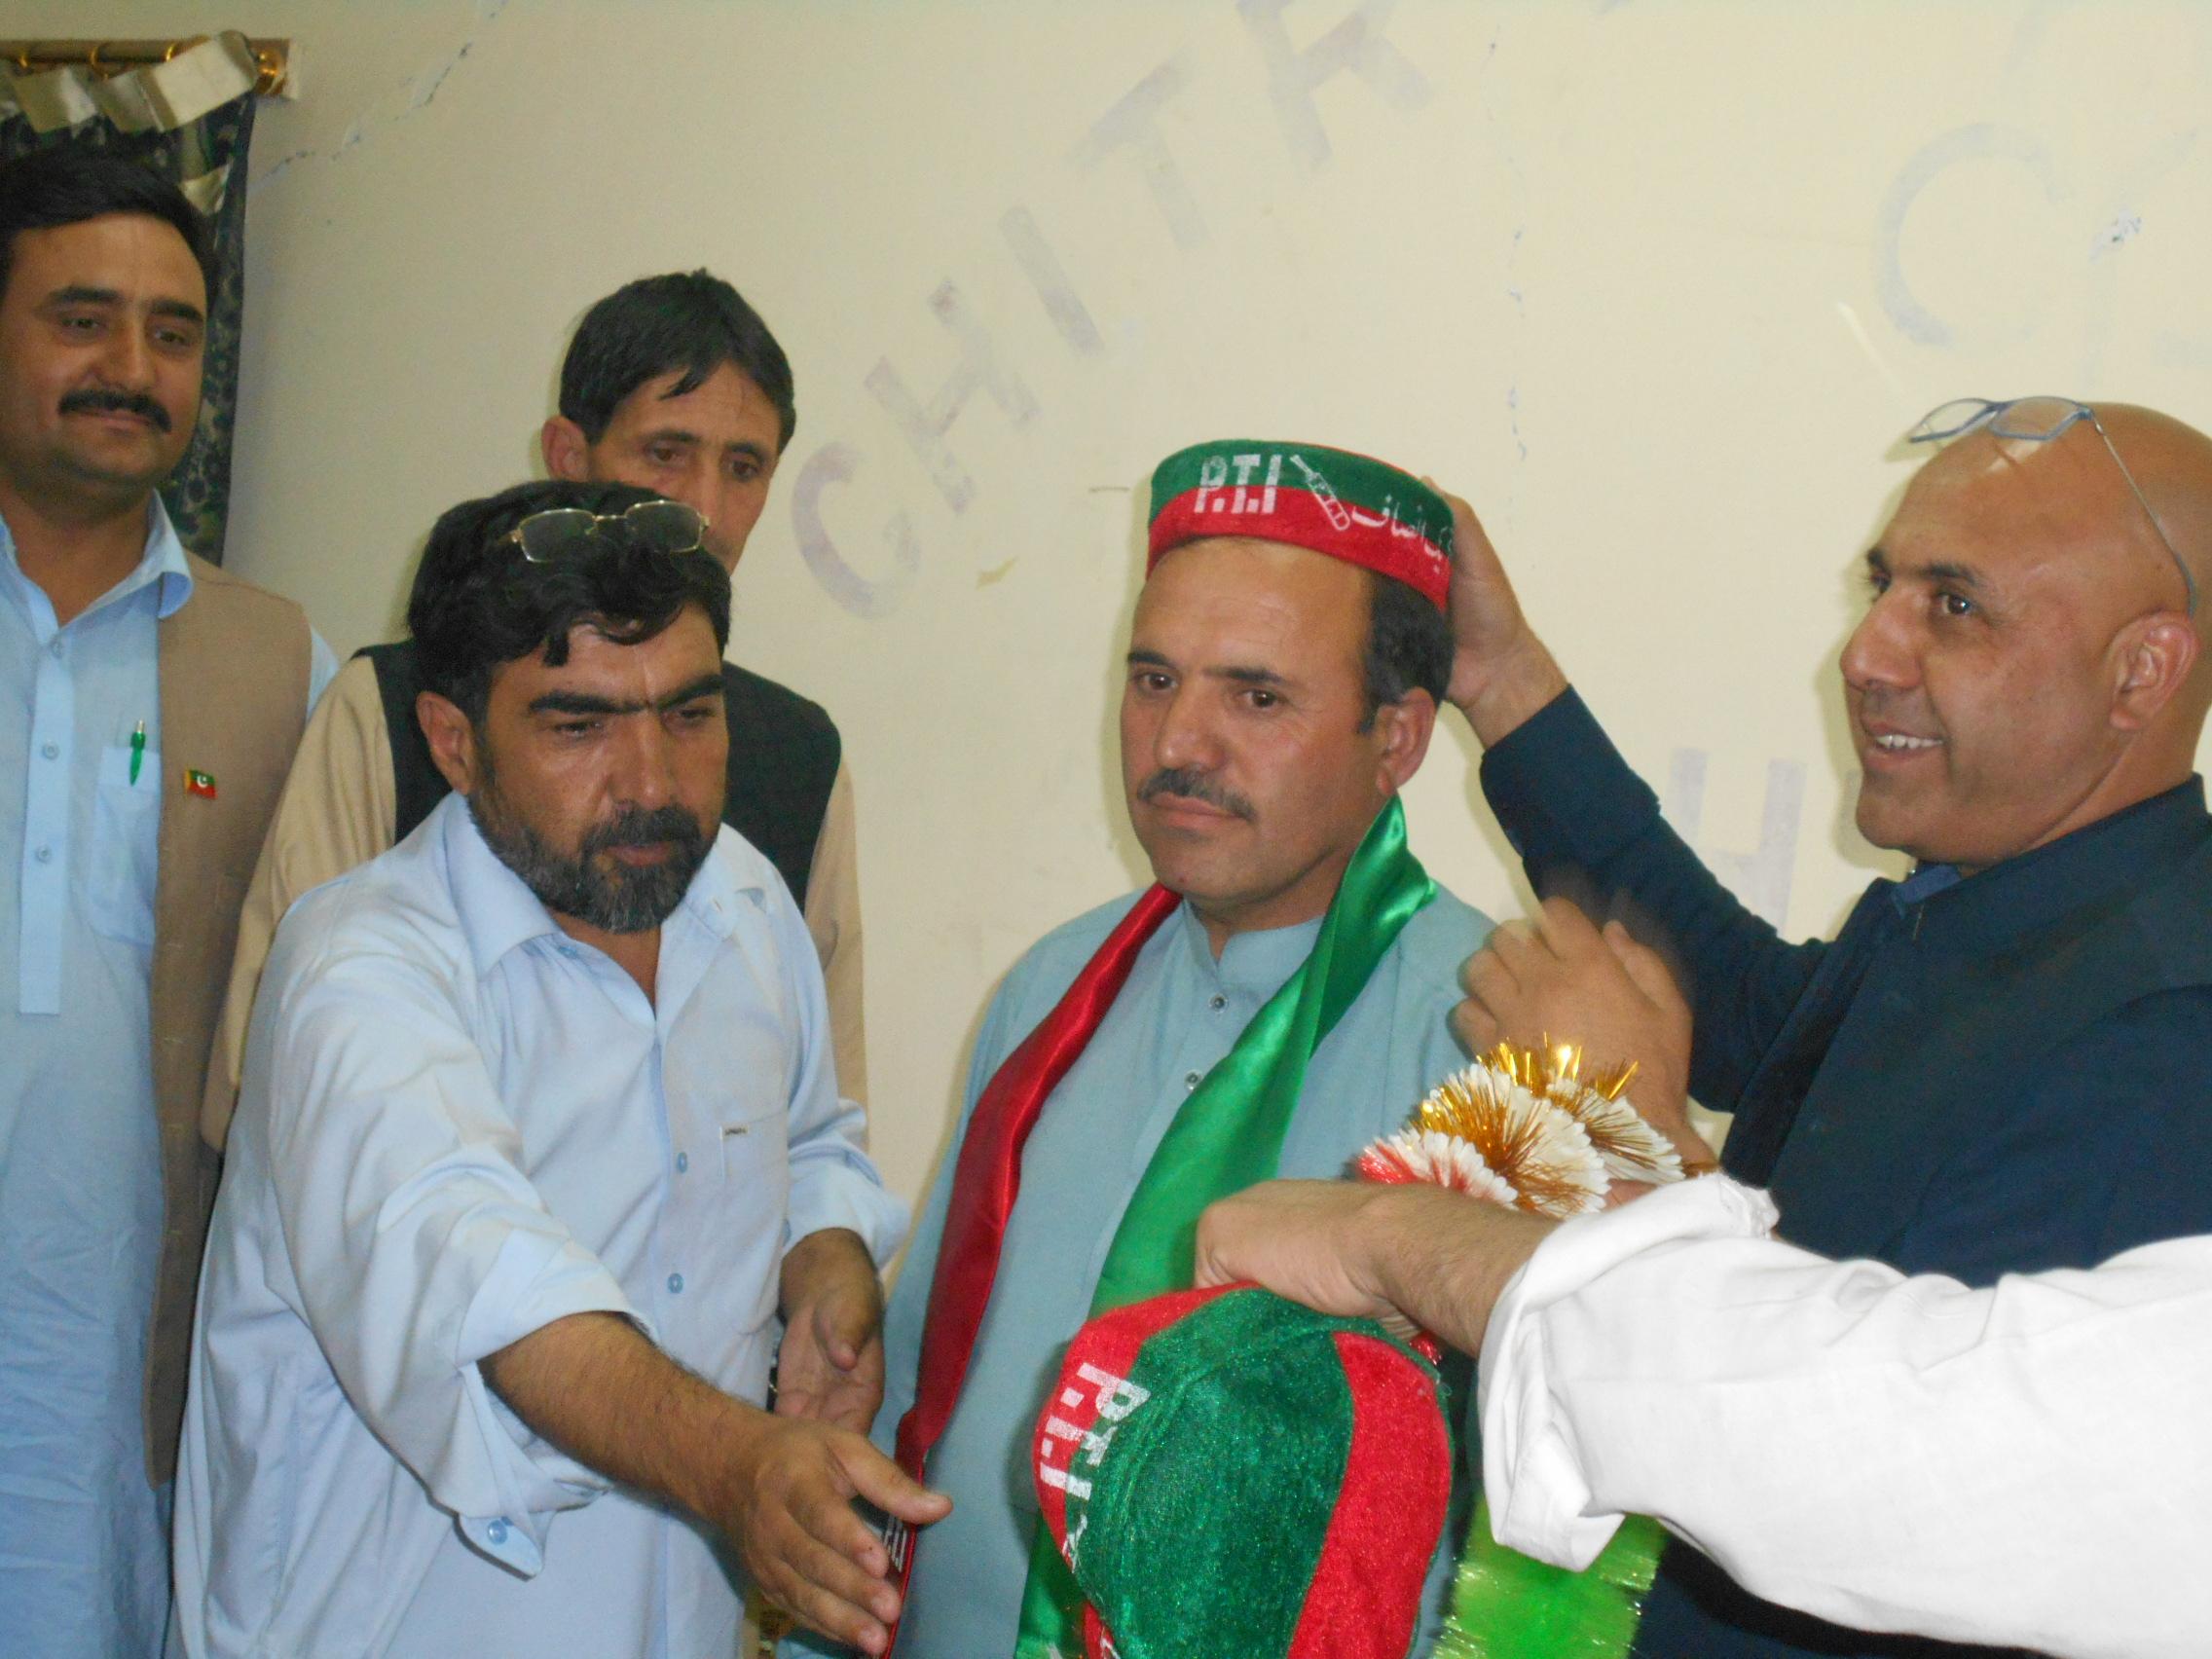 پیپلز پارٹی چترال کے نائب ضلعی صدر نے تحریک انصاف میں شمولیت اختیار کر لی